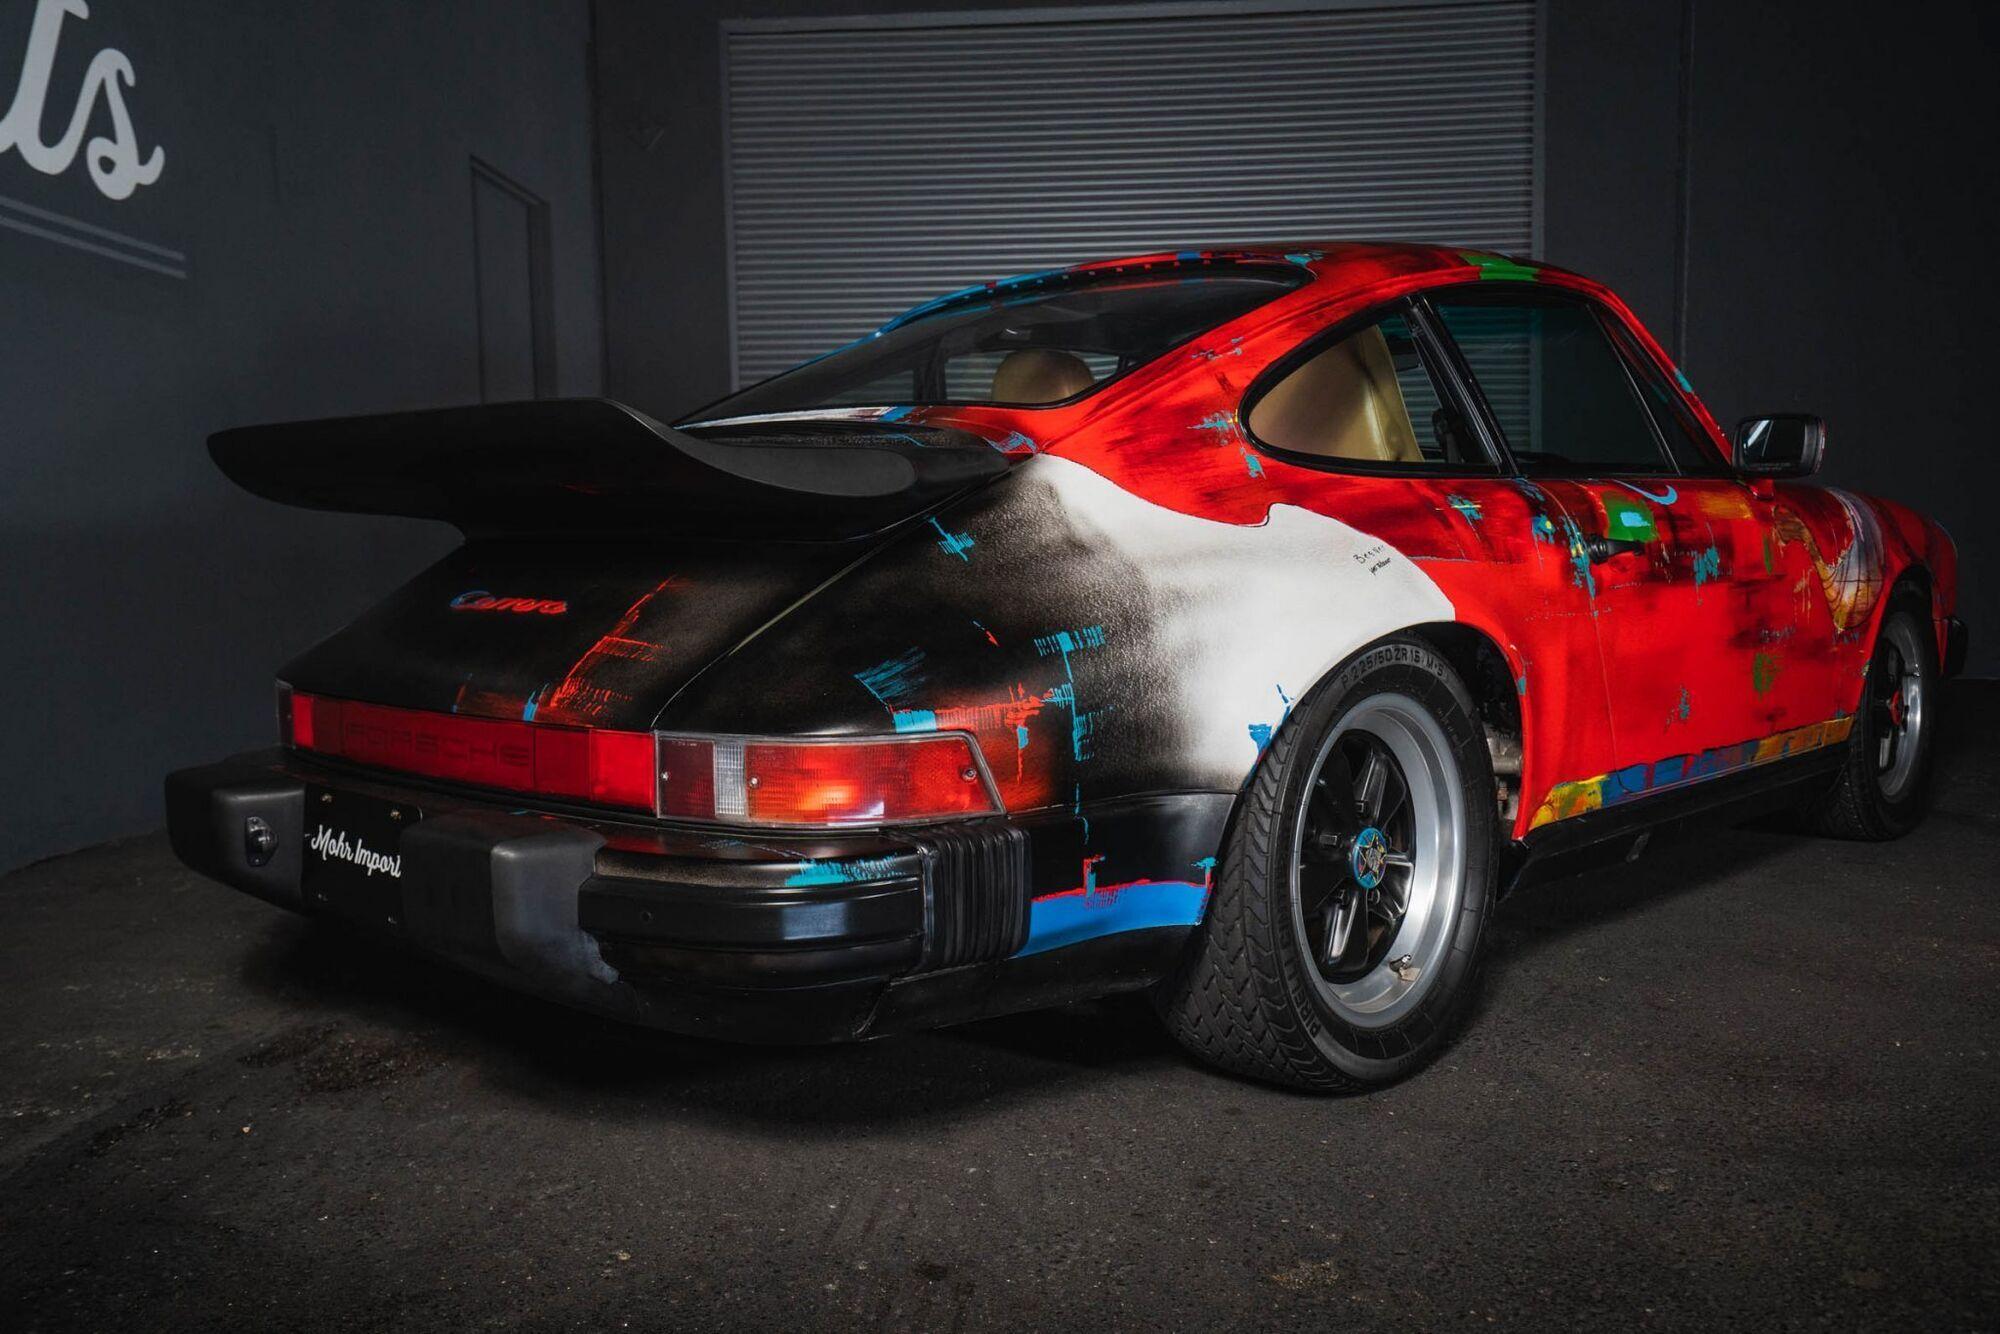 Автомобиль будет представлен в экспозиции Национального музея изящных искусств Квебека